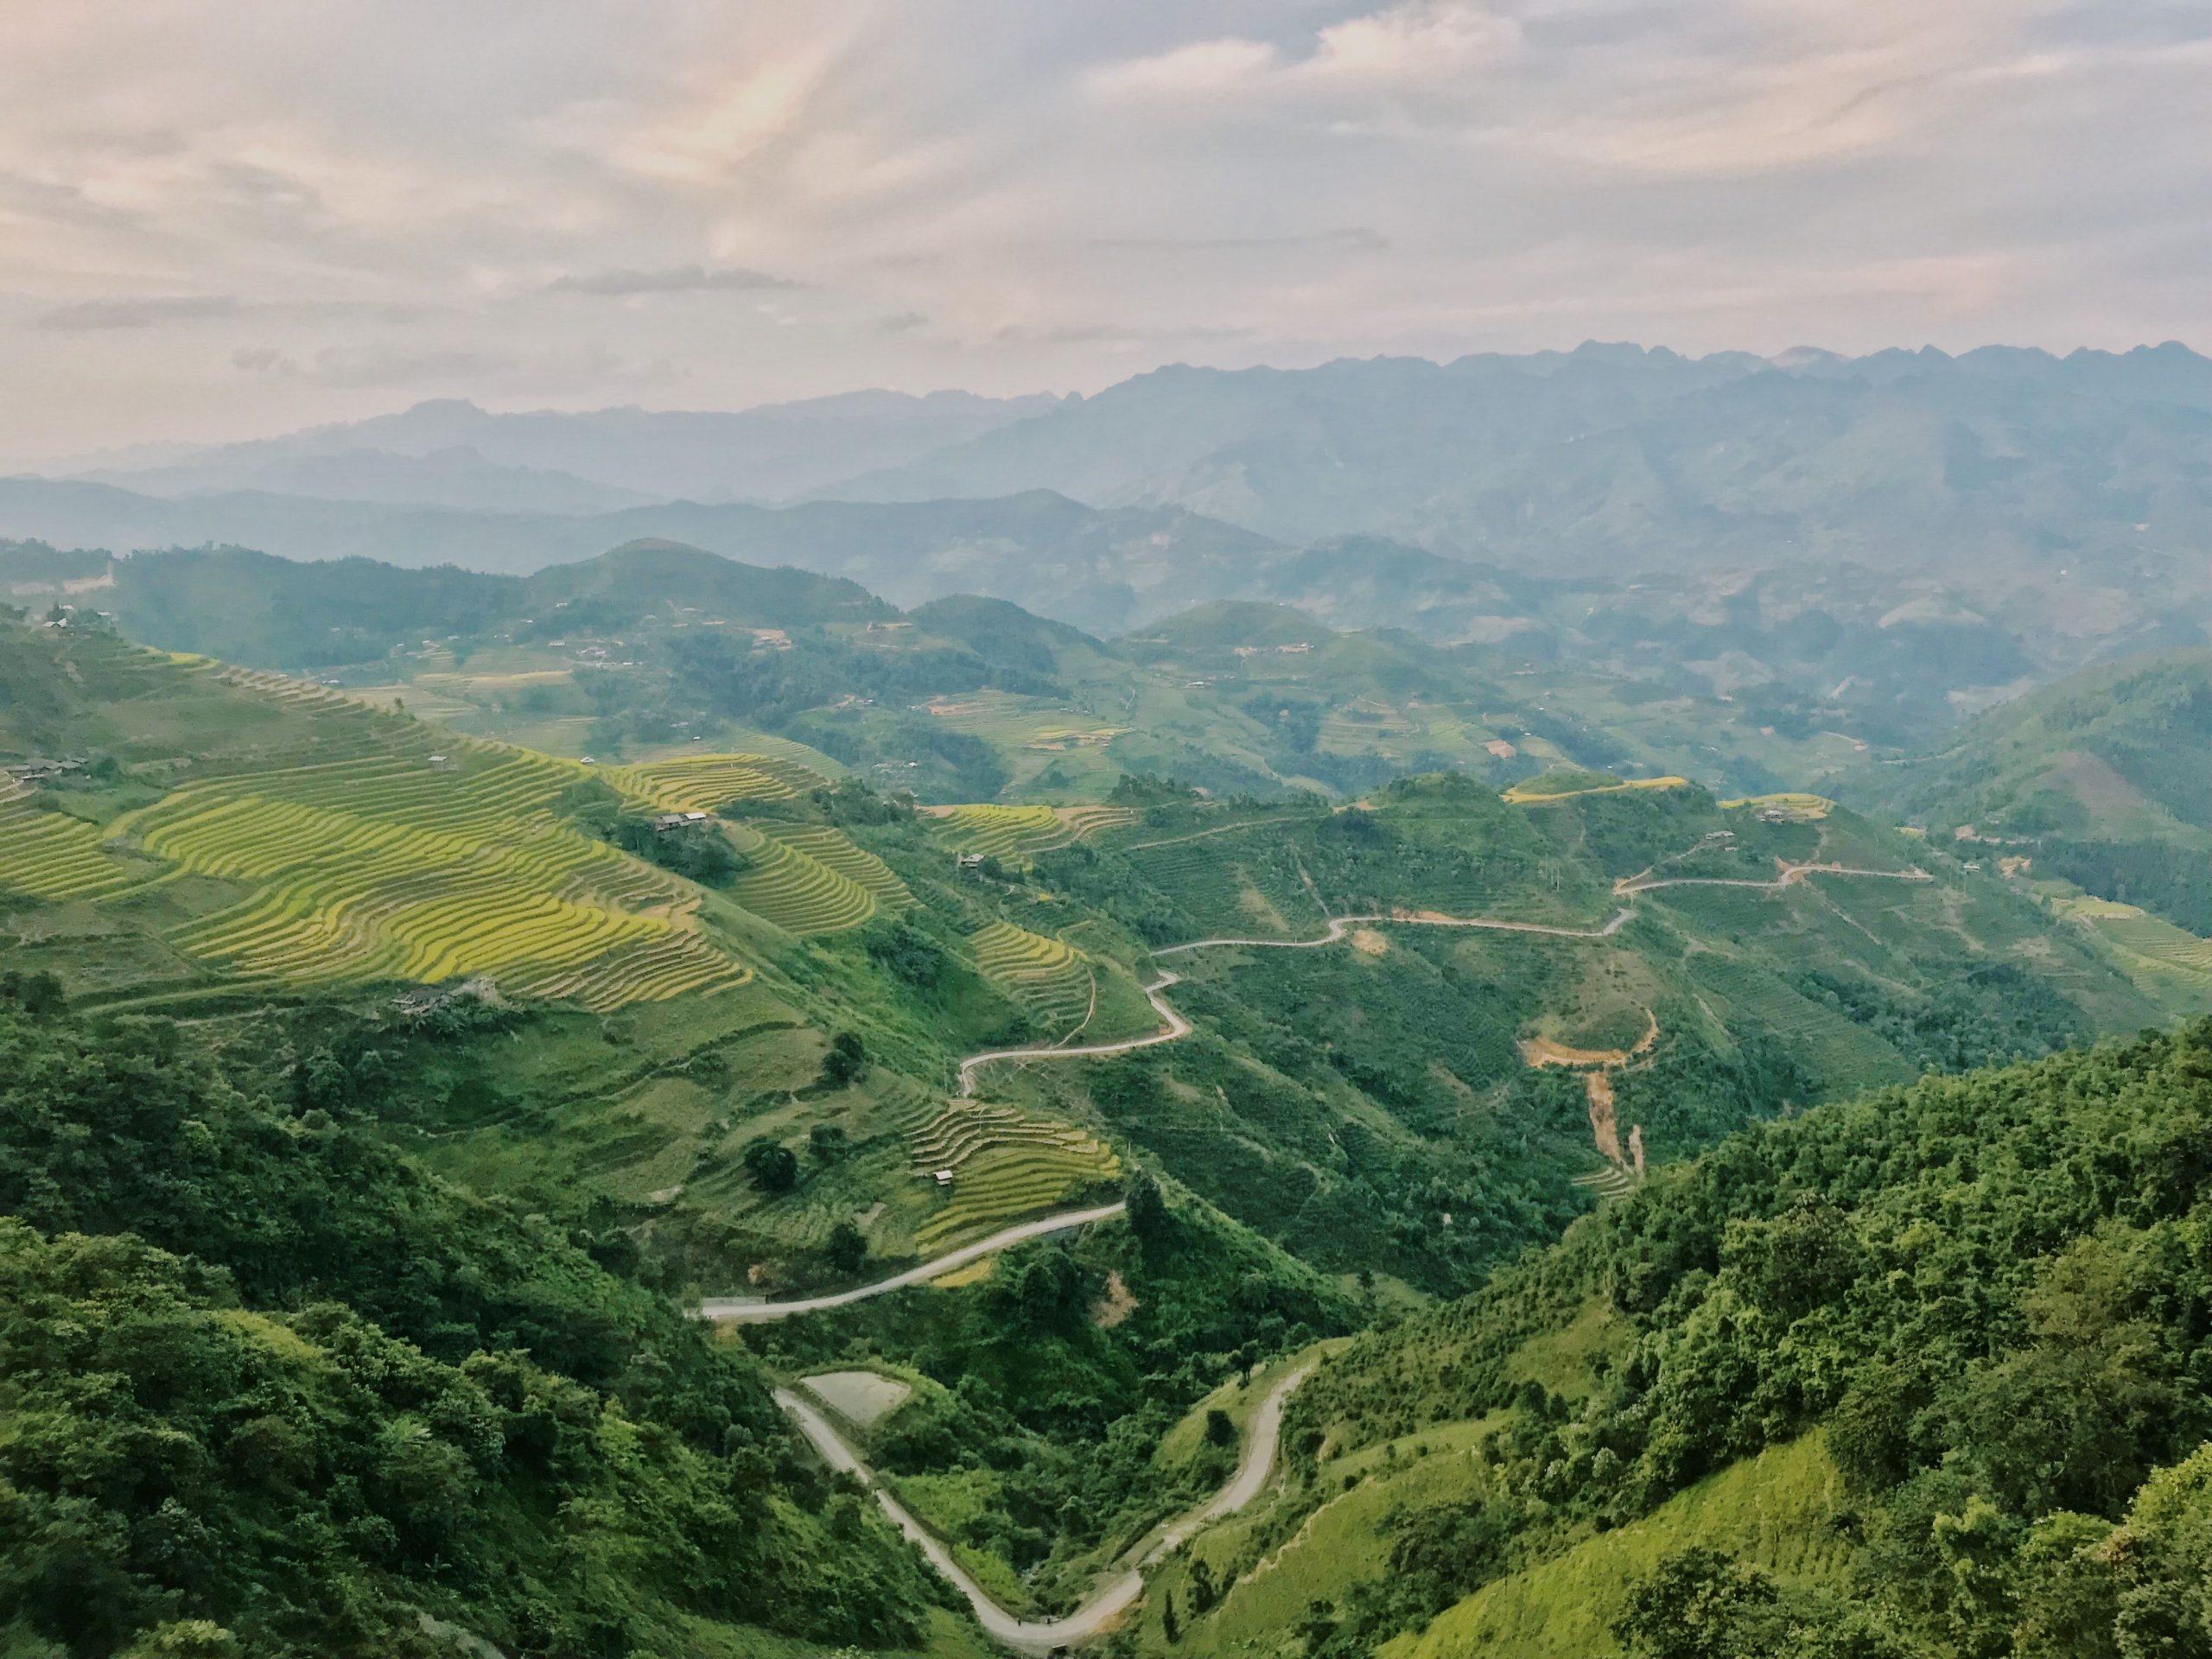 Khung cảnh đẹp nên thơ của vùng trà shan tuyết Hoàng Su Phì - Hà Giang